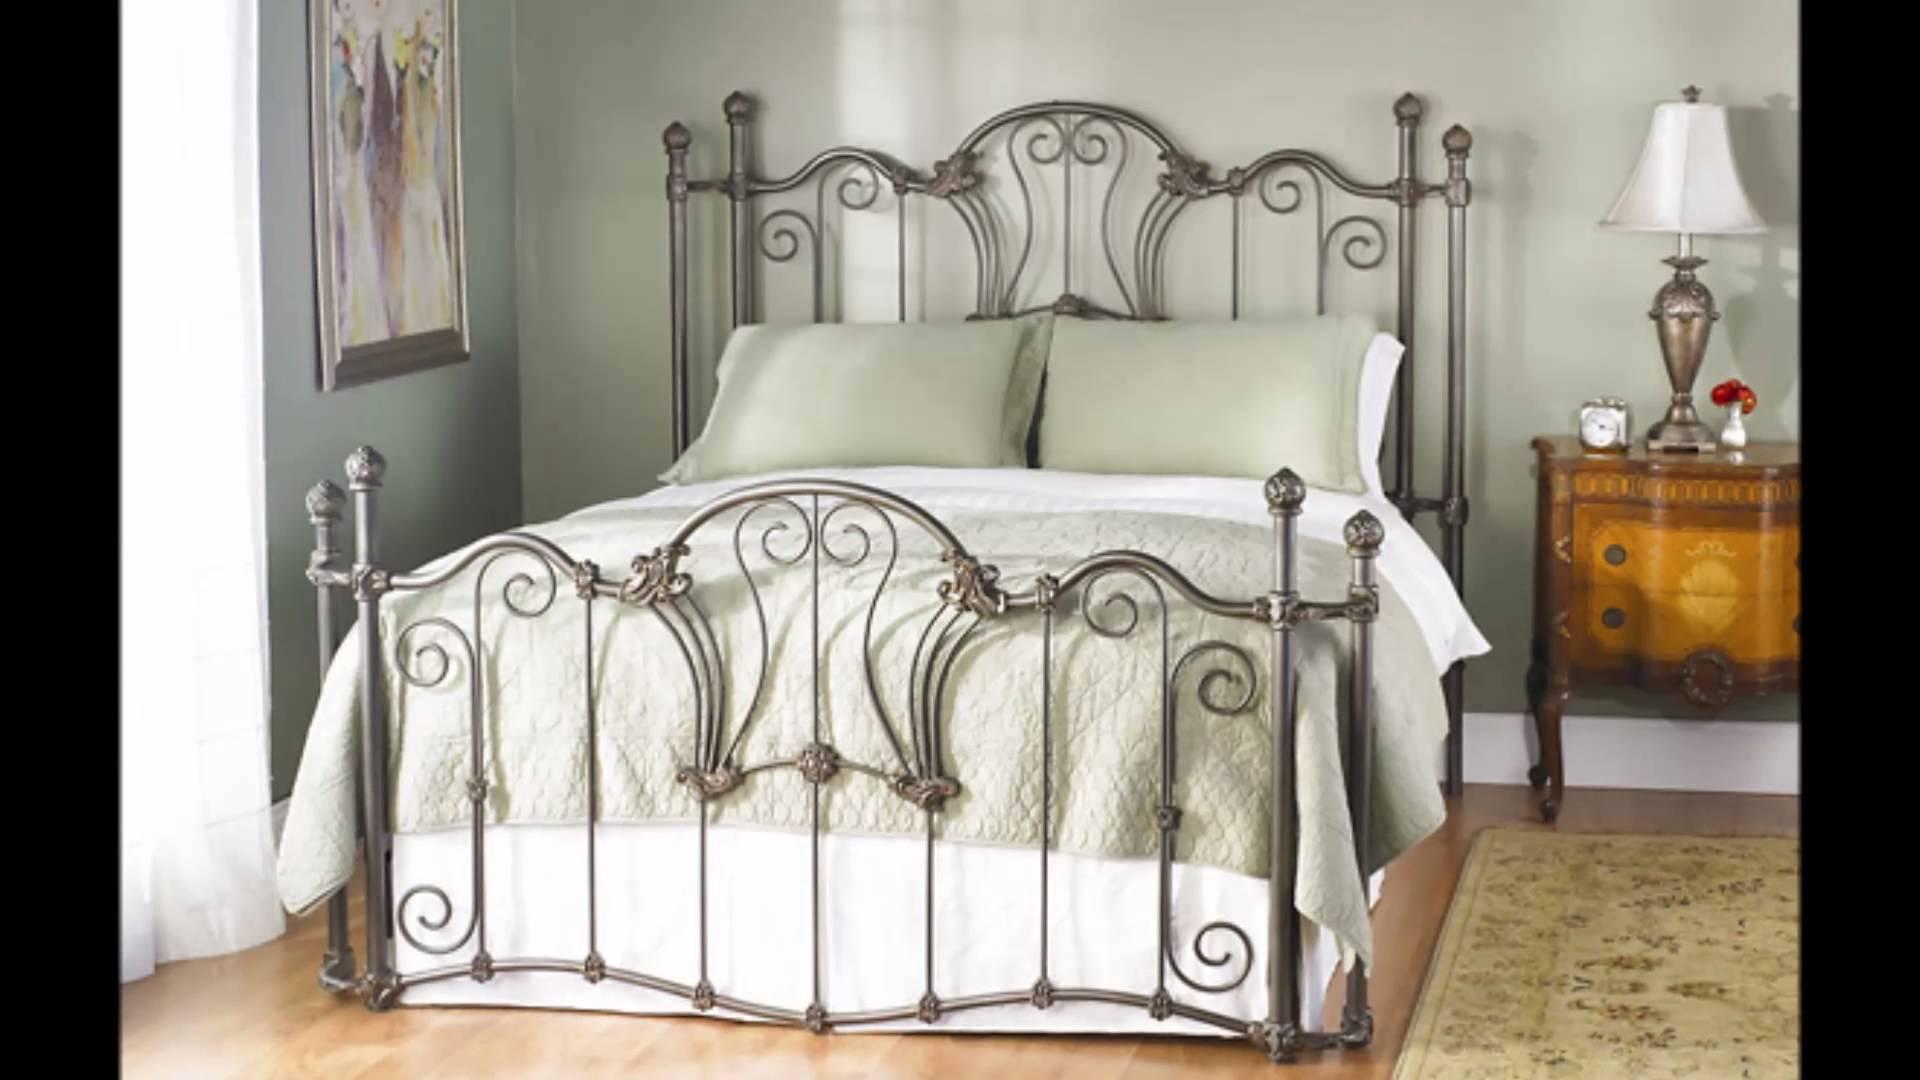 Có nên mua giường ngủ bằng sắt không